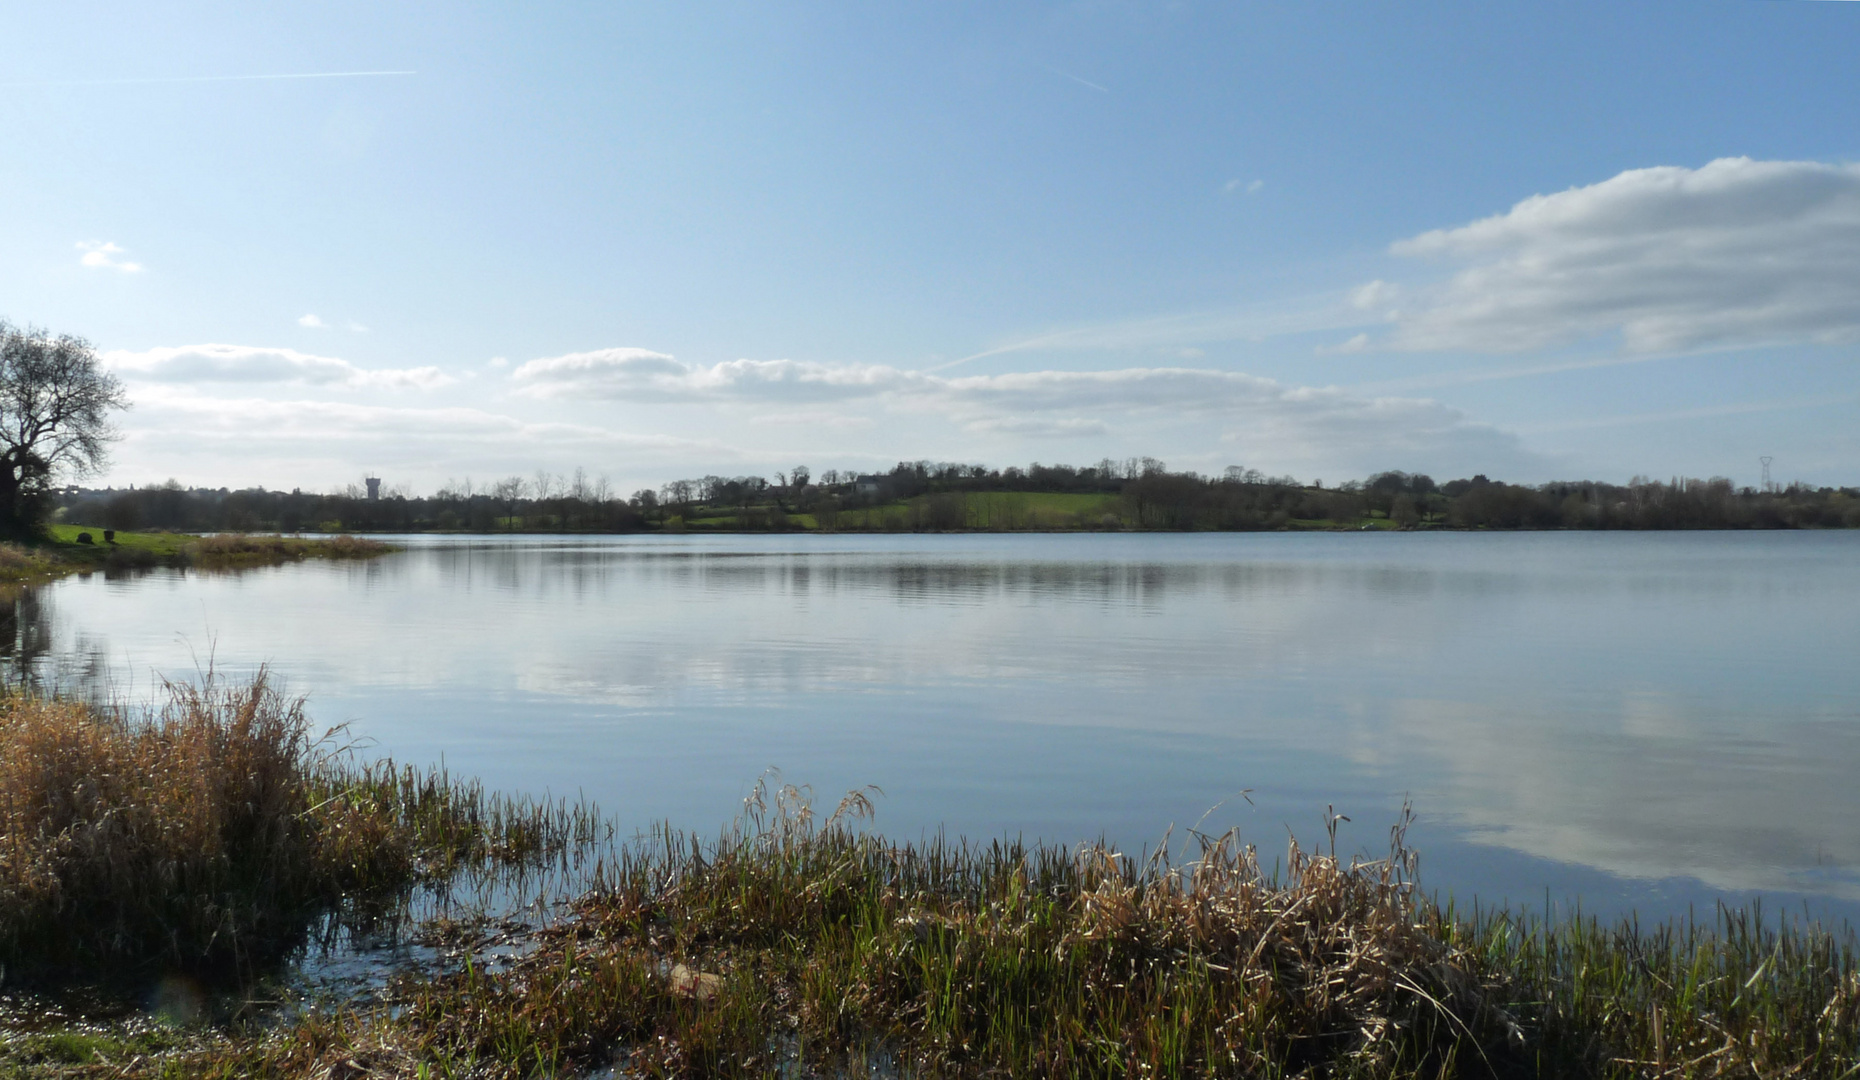 REflets surb le lac 2